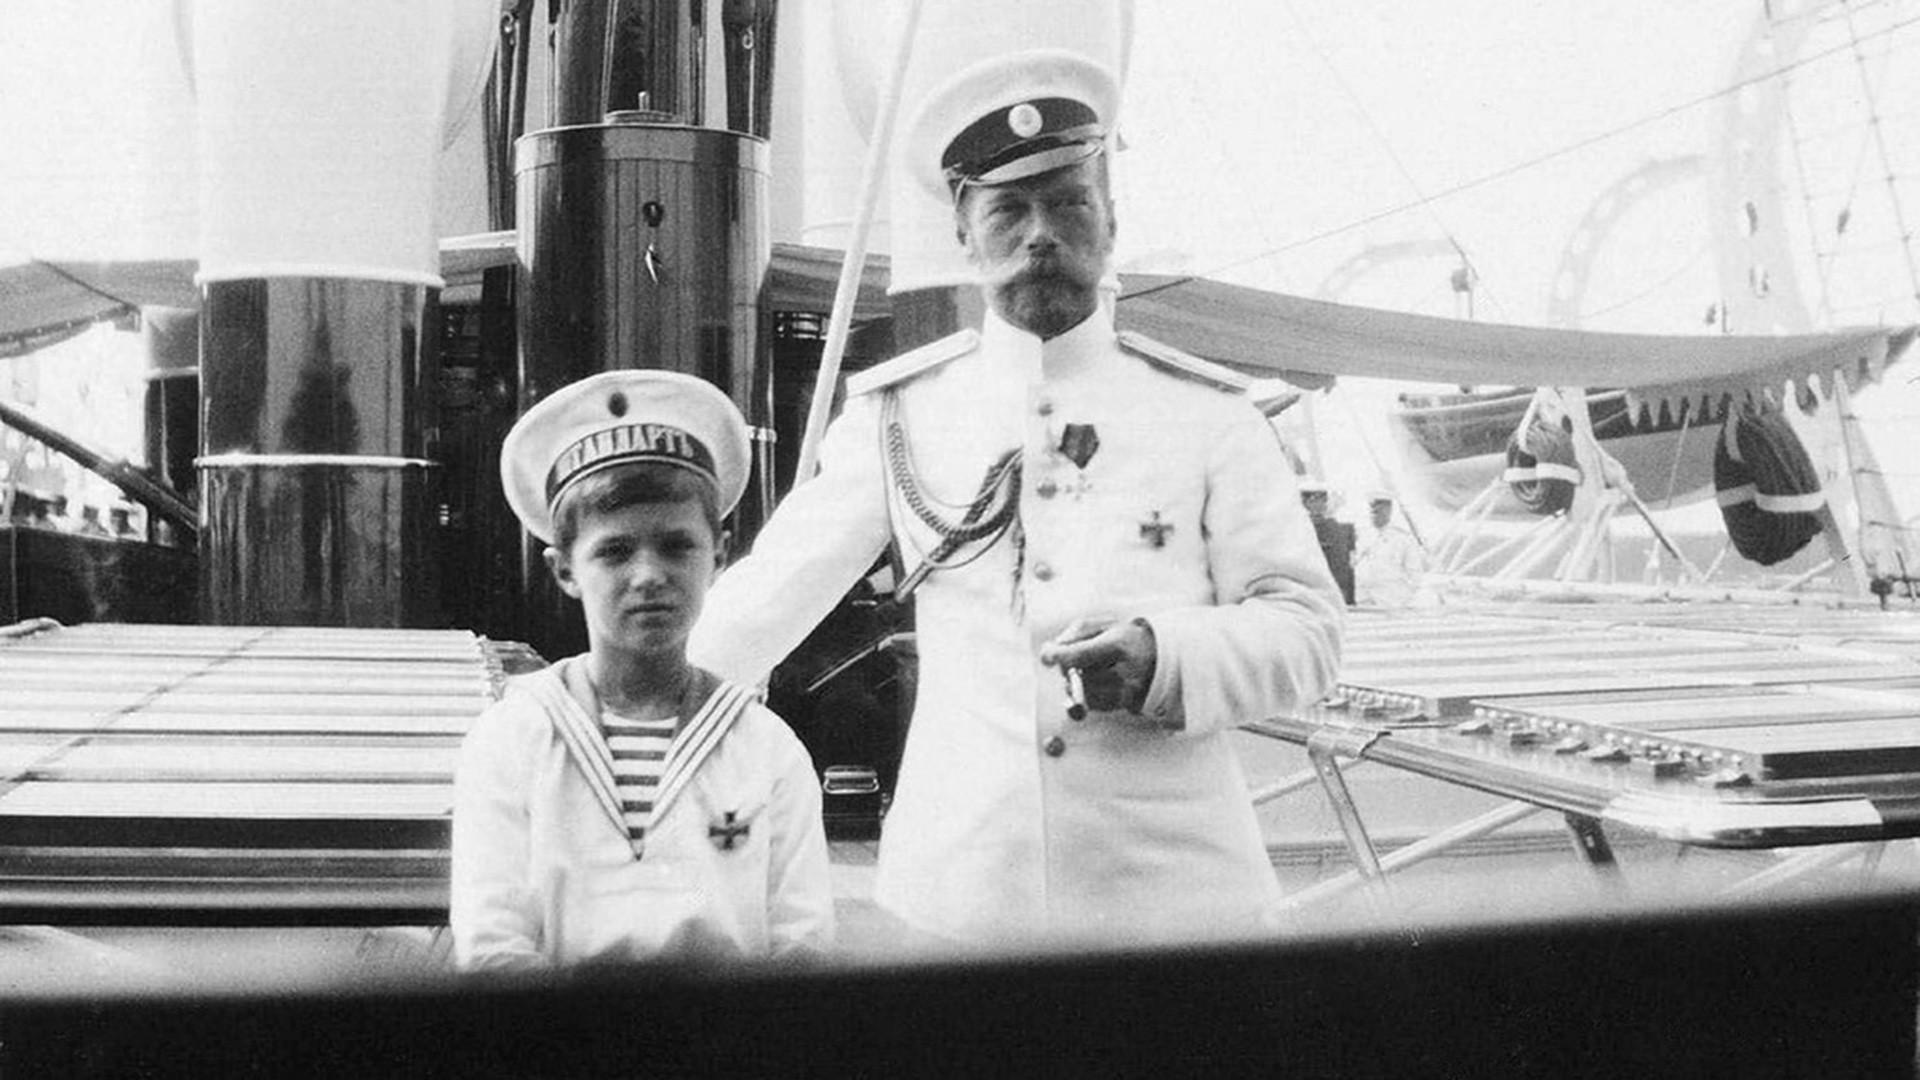 ニコライ2世の最も愛した船(写真特集) - ロシア・ビヨンド